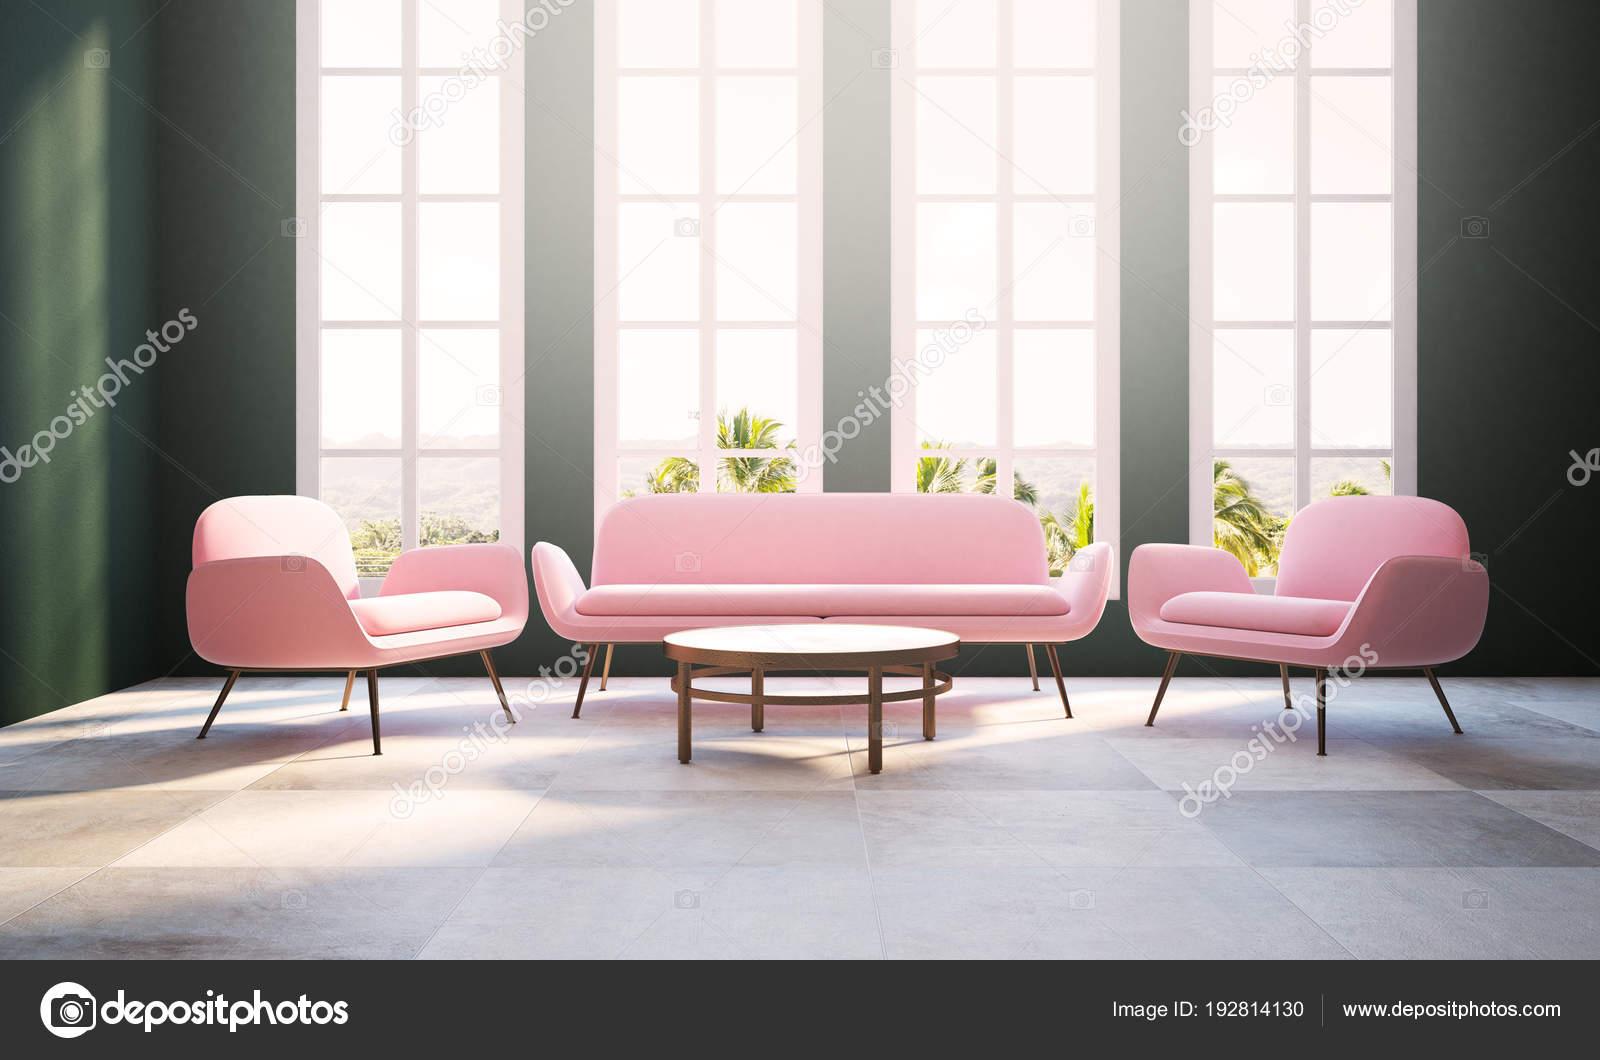 Roze Decoratie Woonkamer : Groene woonkamer roze fauteuil en bank venster u stockfoto